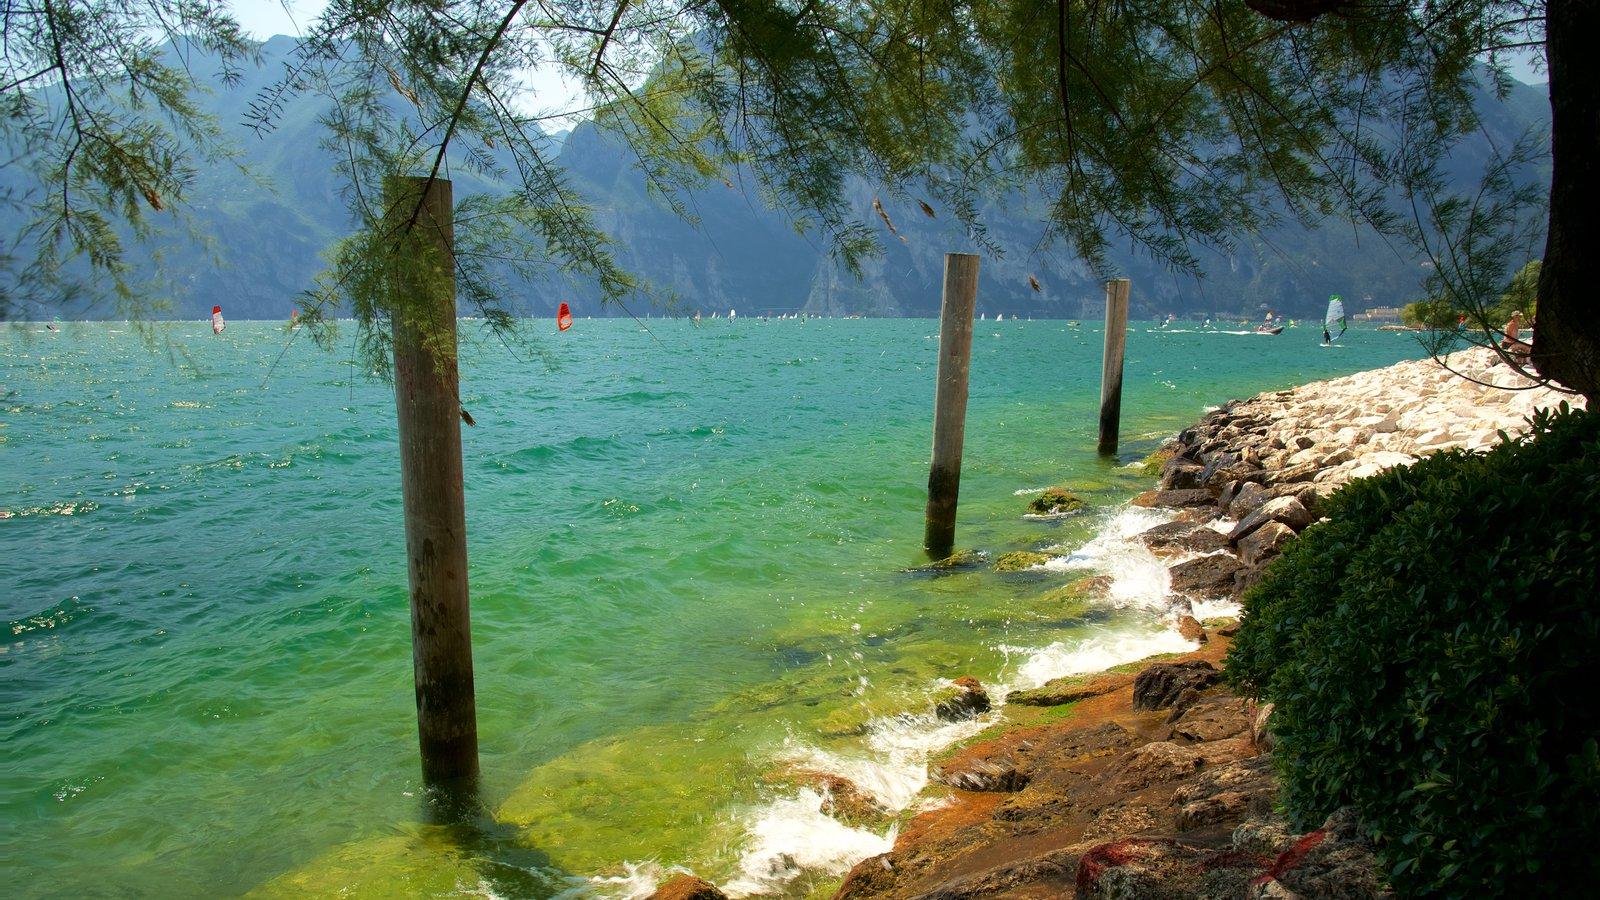 Nago-Torbole caracterizando paisagens litorâneas e litoral acidentado